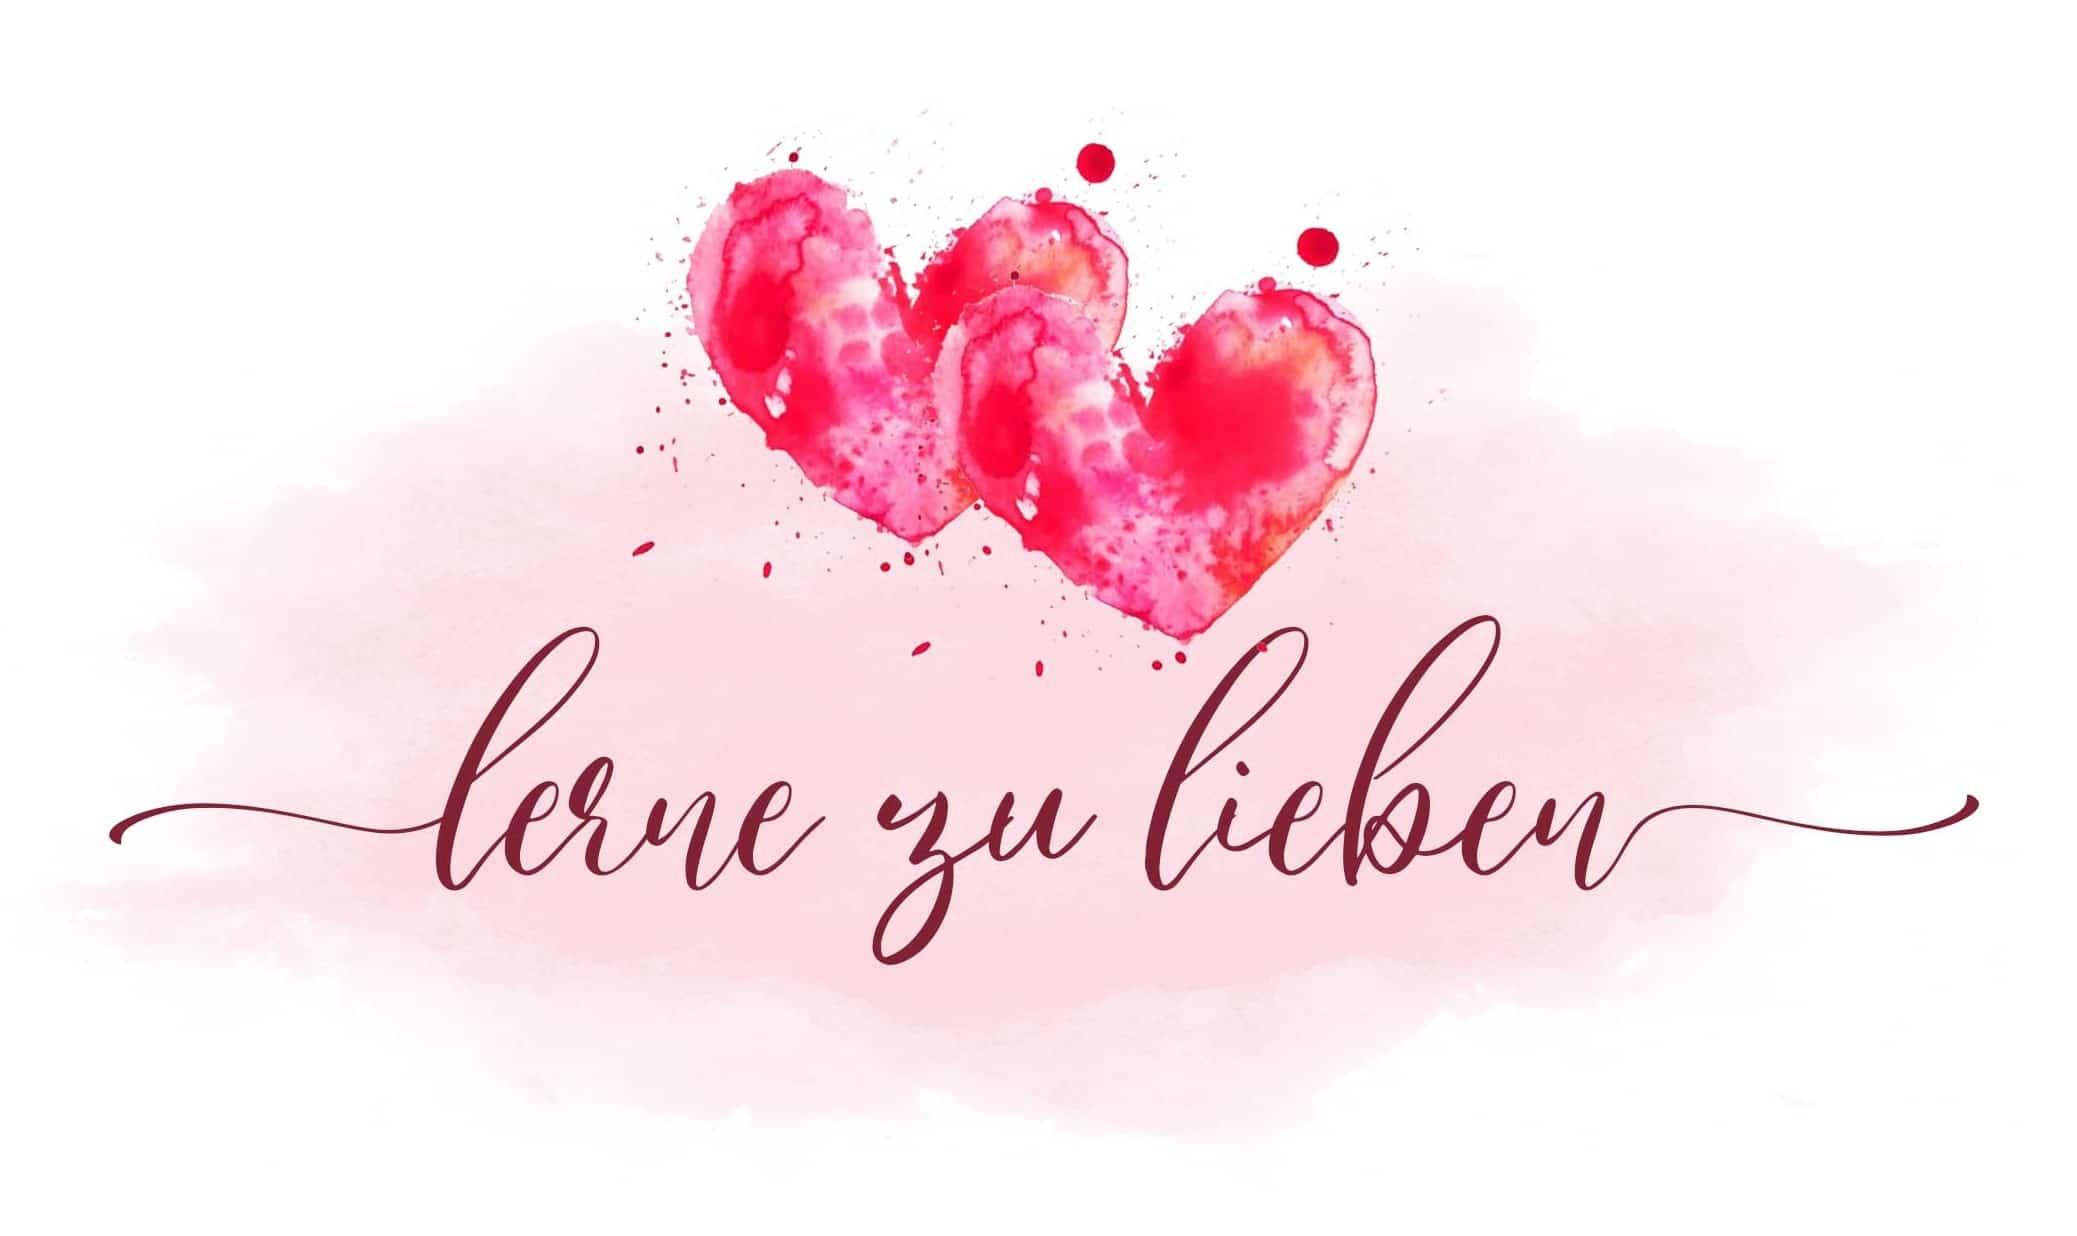 Einseitige Liebe Warum Sie Dich Hemmt Und Lahmt Lerne Zu Lieben